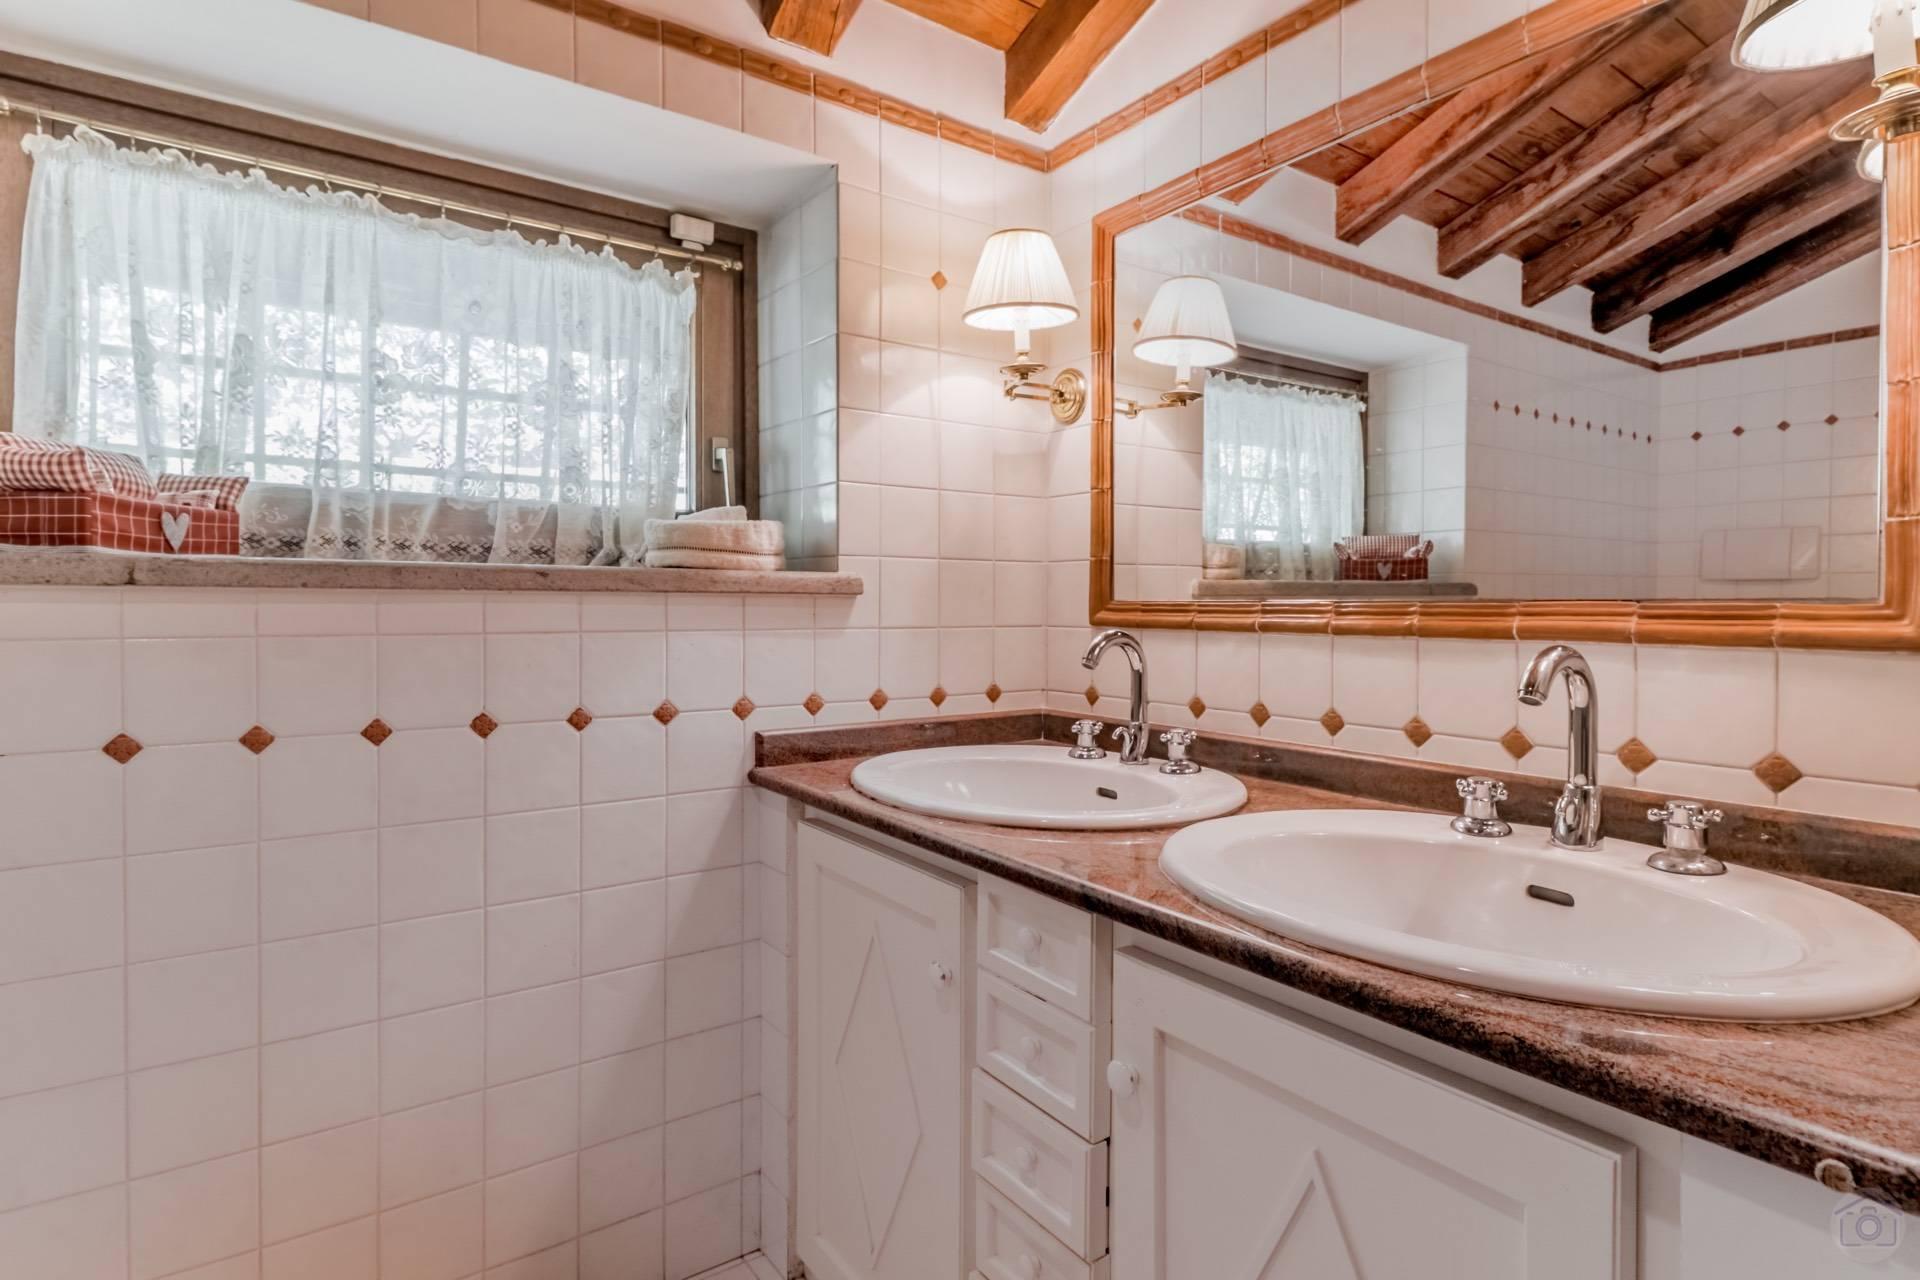 Villa in Vendita a Sacrofano: 5 locali, 180 mq - Foto 16